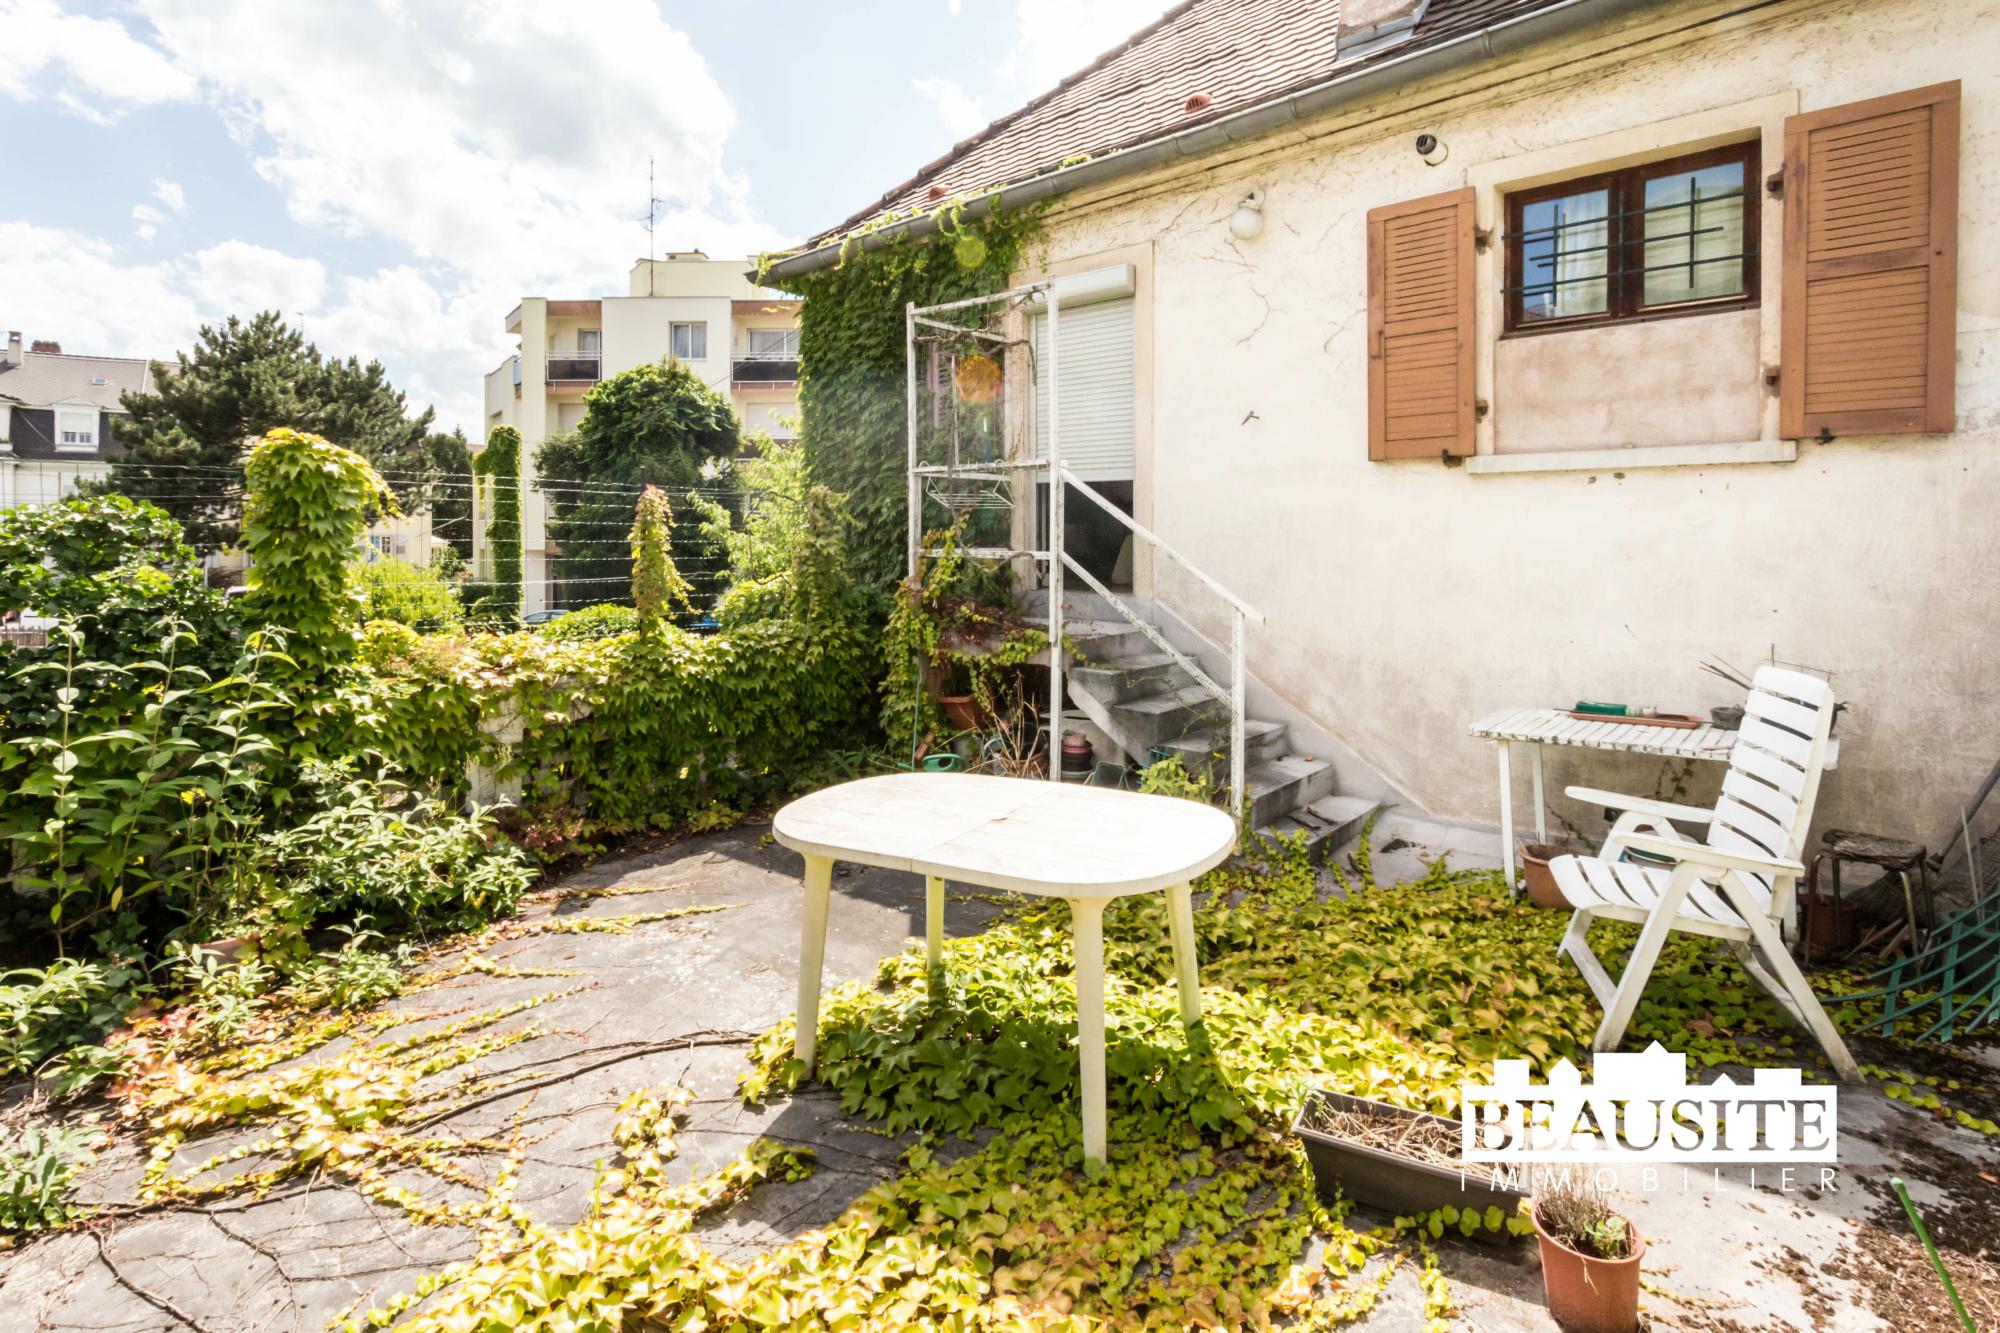 [Eden] Une maison au cœur du Neudorf et son jardin luxuriant - Neudorf / rue Saint-Urbain - nos ventes - Beausite Immobilier 23